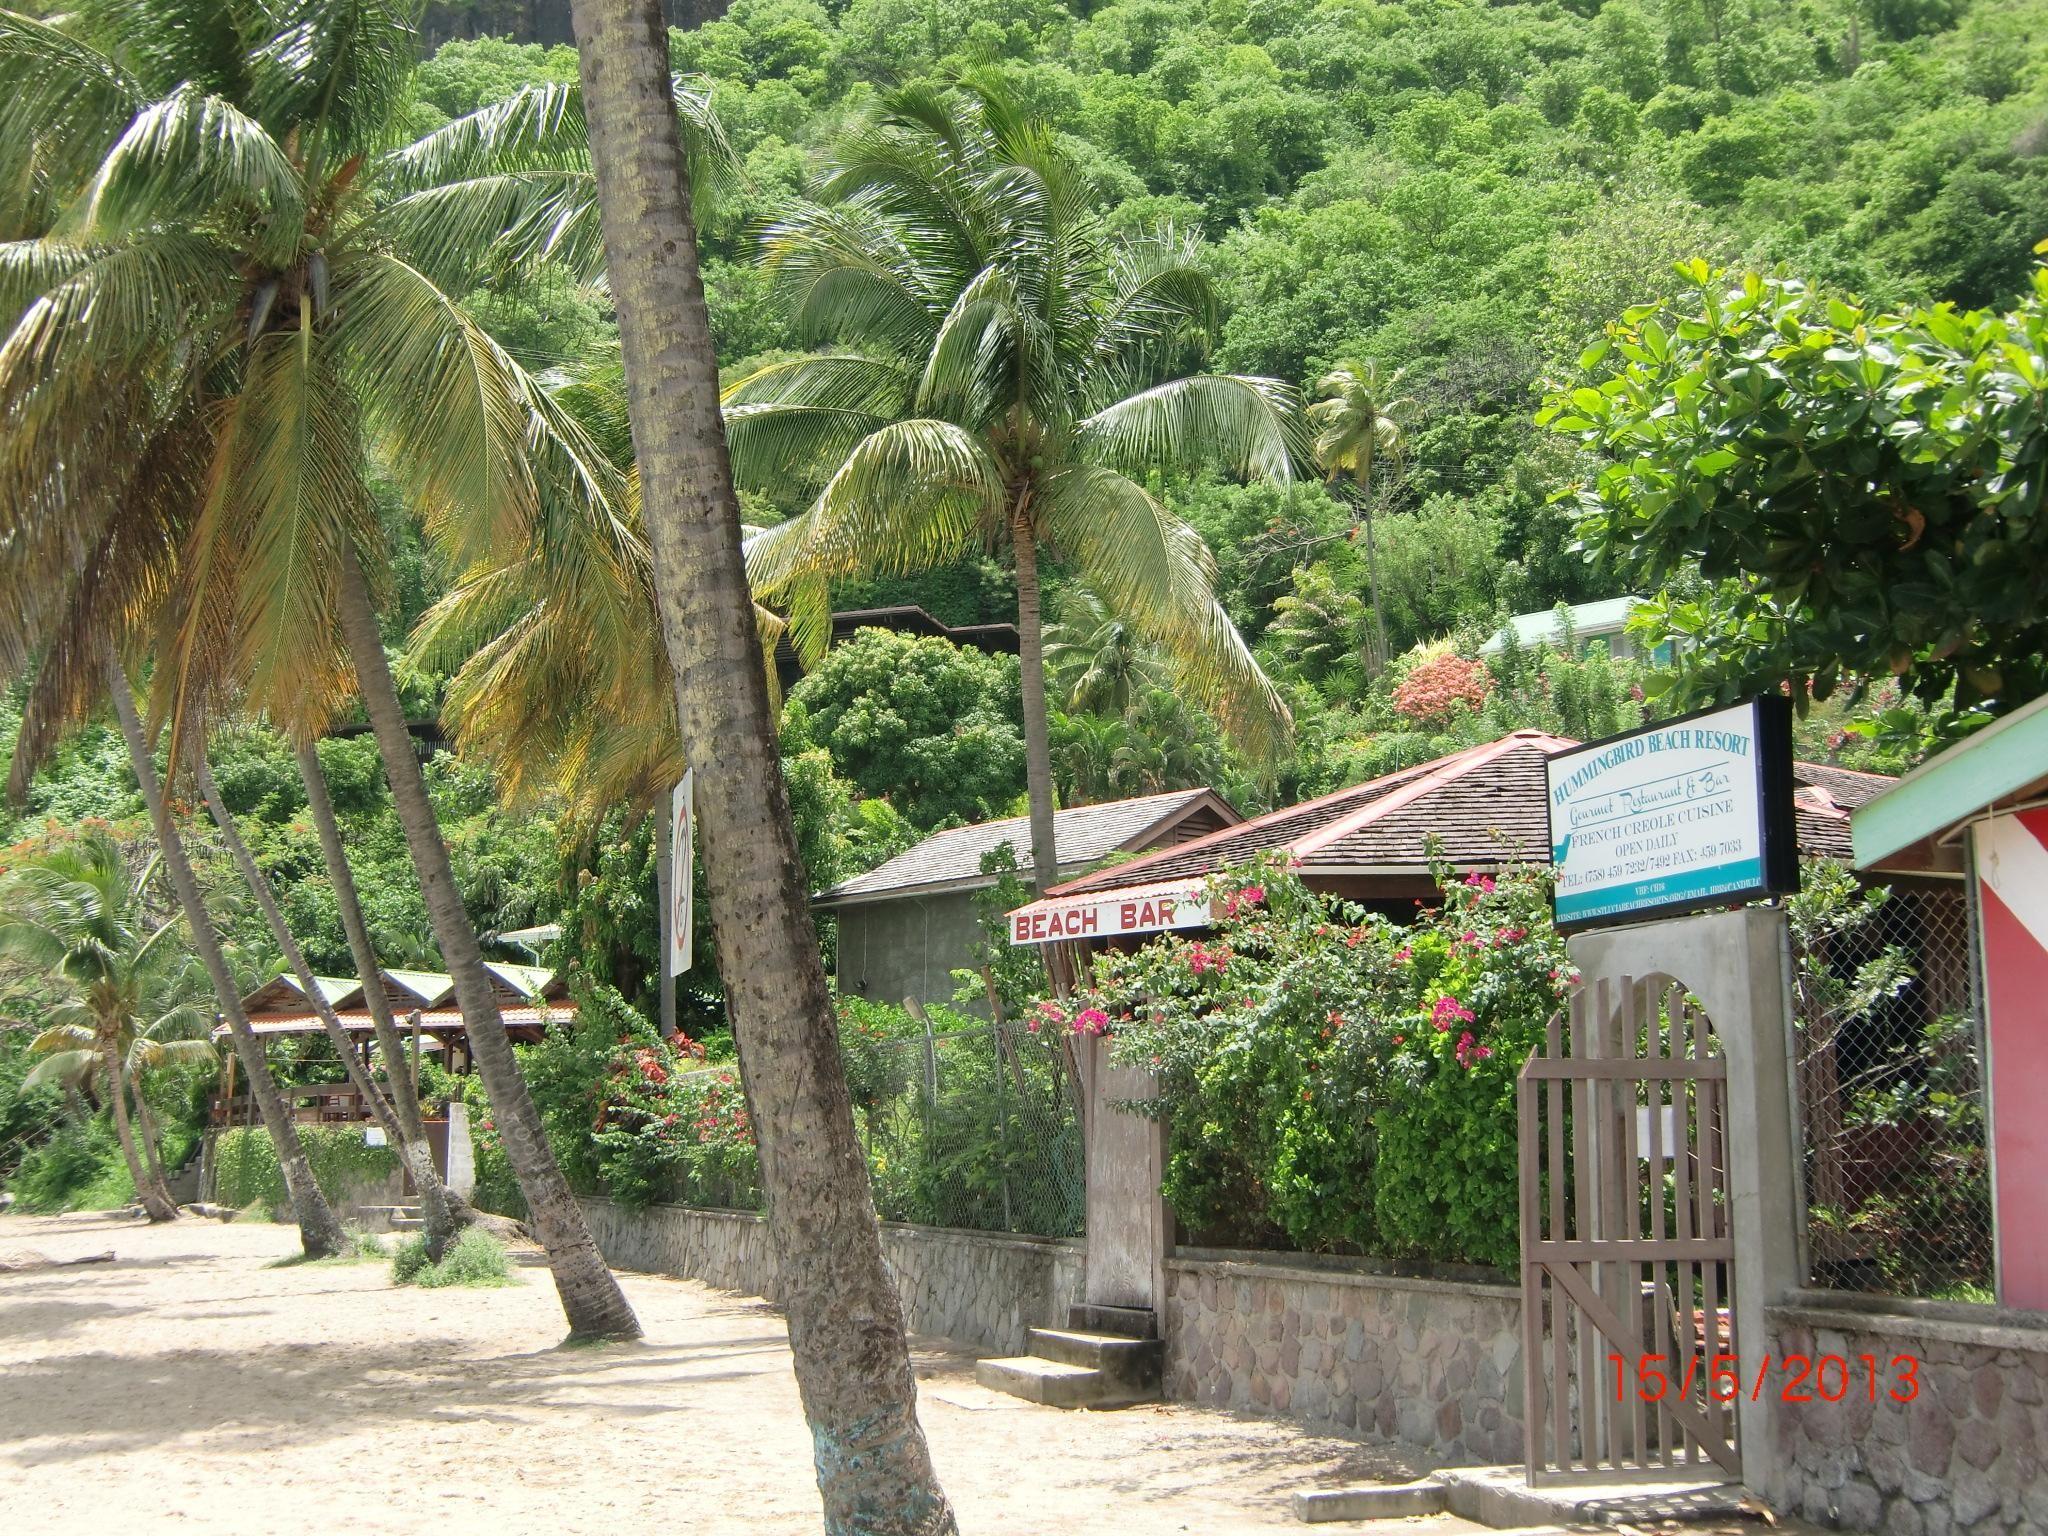 Hummingbird Beach Resort (St. Lucia/Soufriere) - Resort Reviews ...